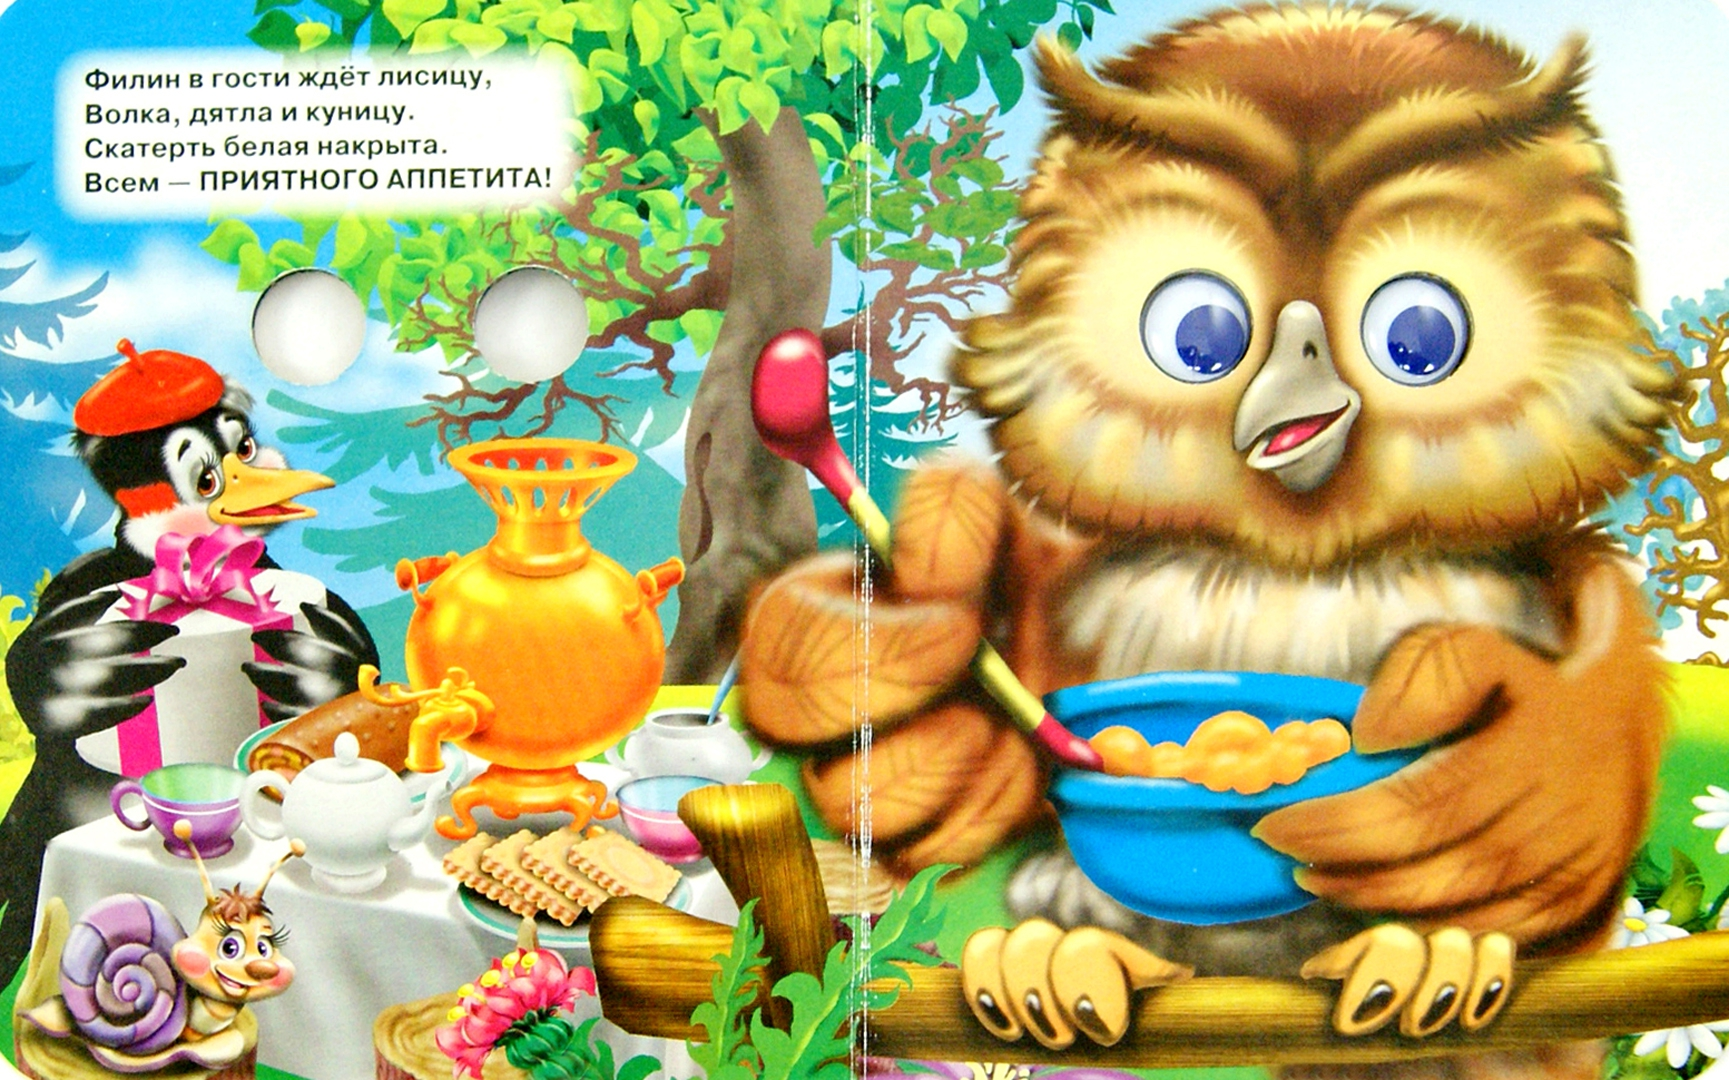 Иллюстрация 1 из 15 для Вежливые слова - Ольга Корнеева | Лабиринт - книги. Источник: Лабиринт